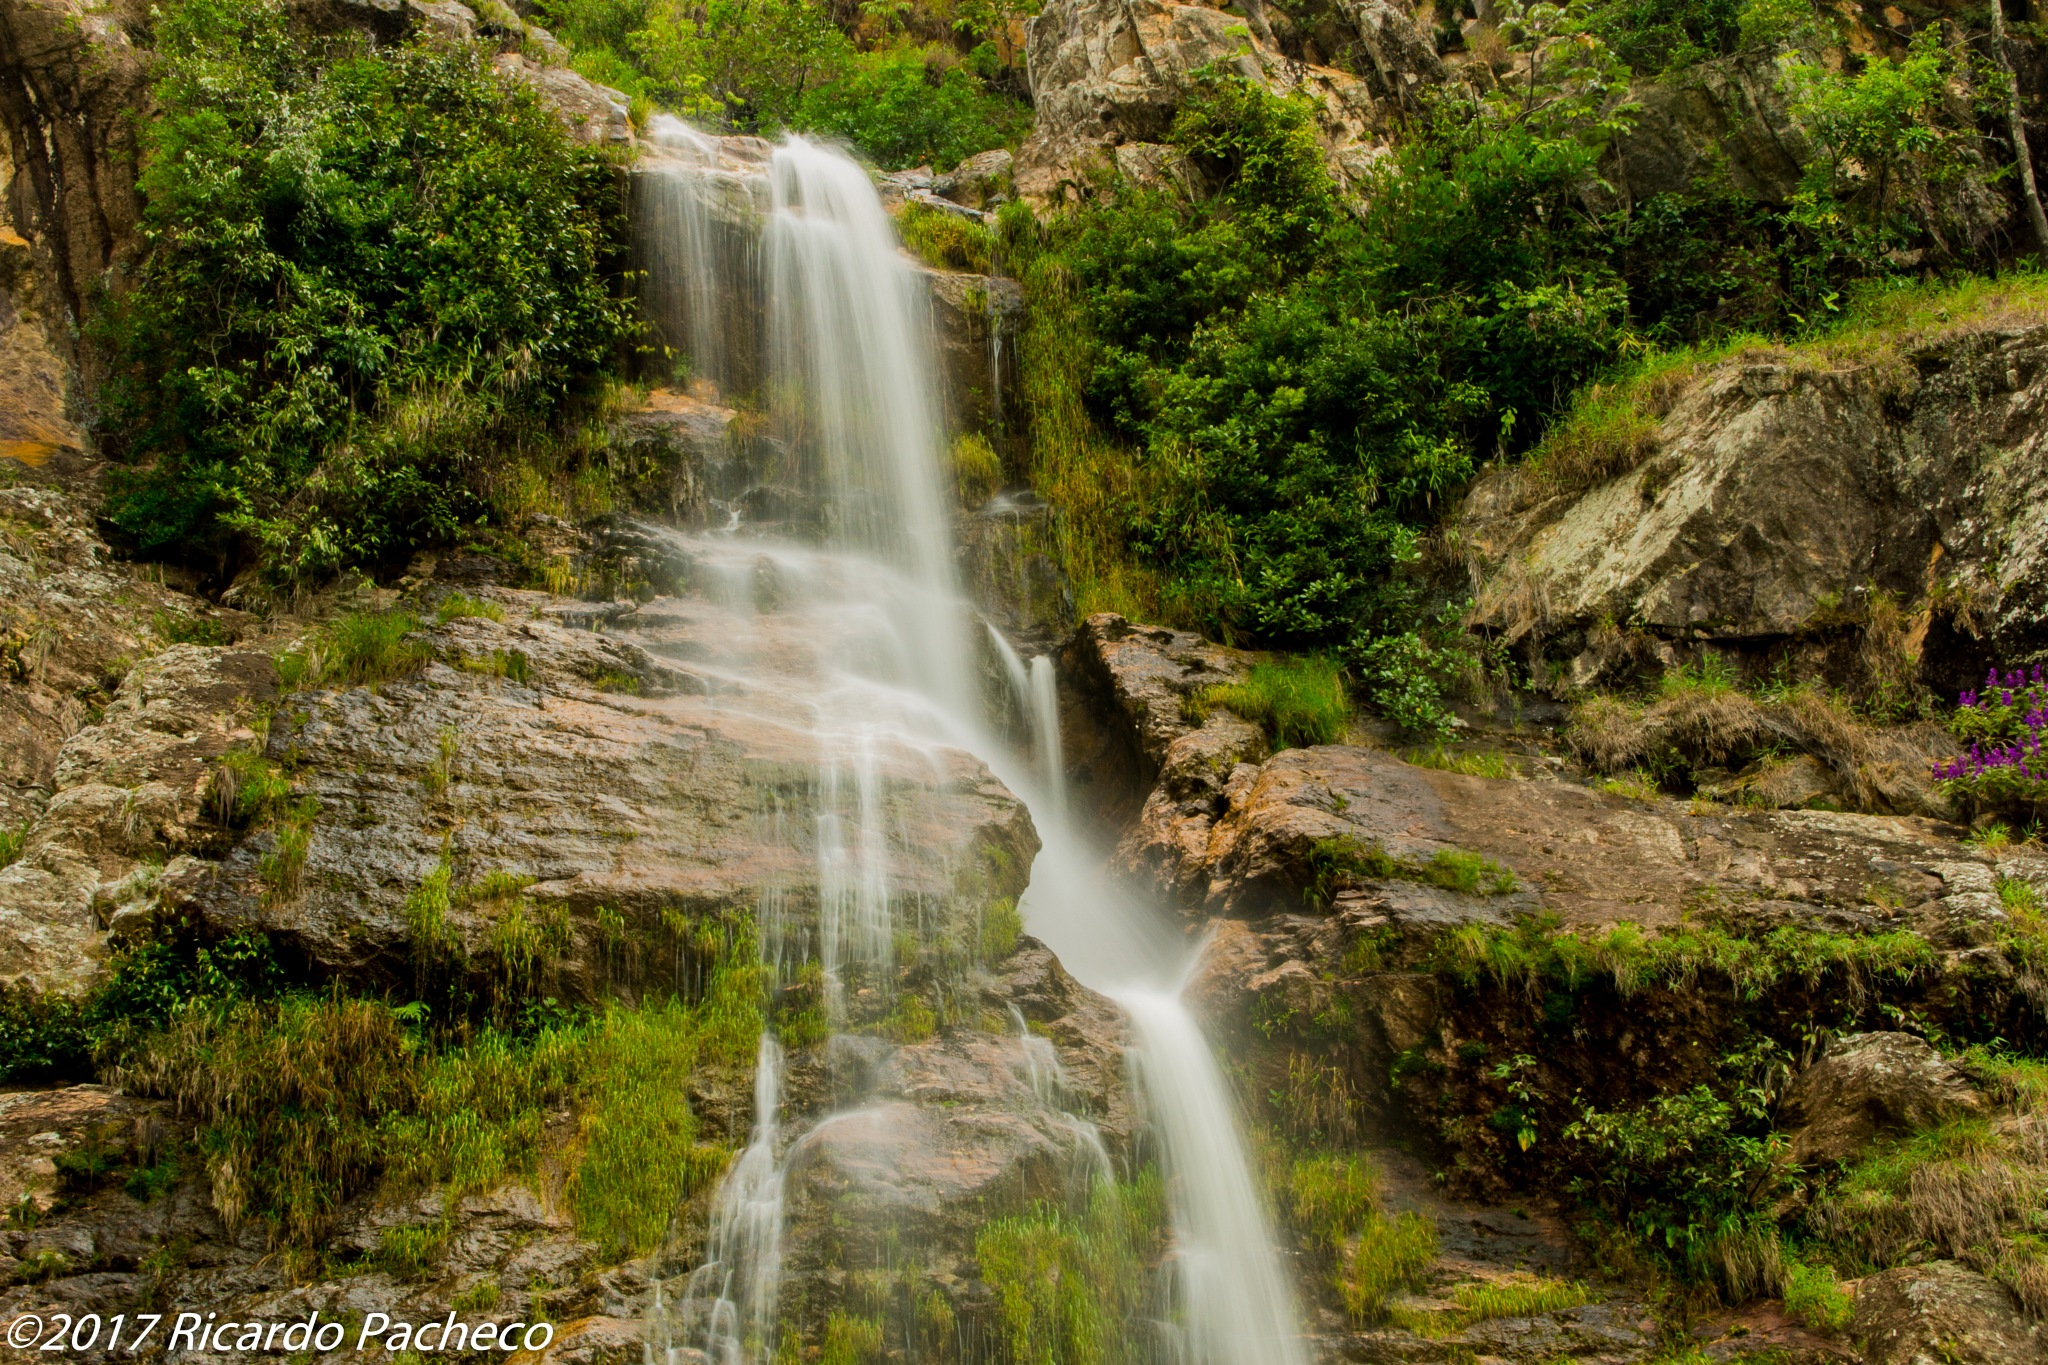 Capão Fôrro Waterfall by Ricardo Pacheco